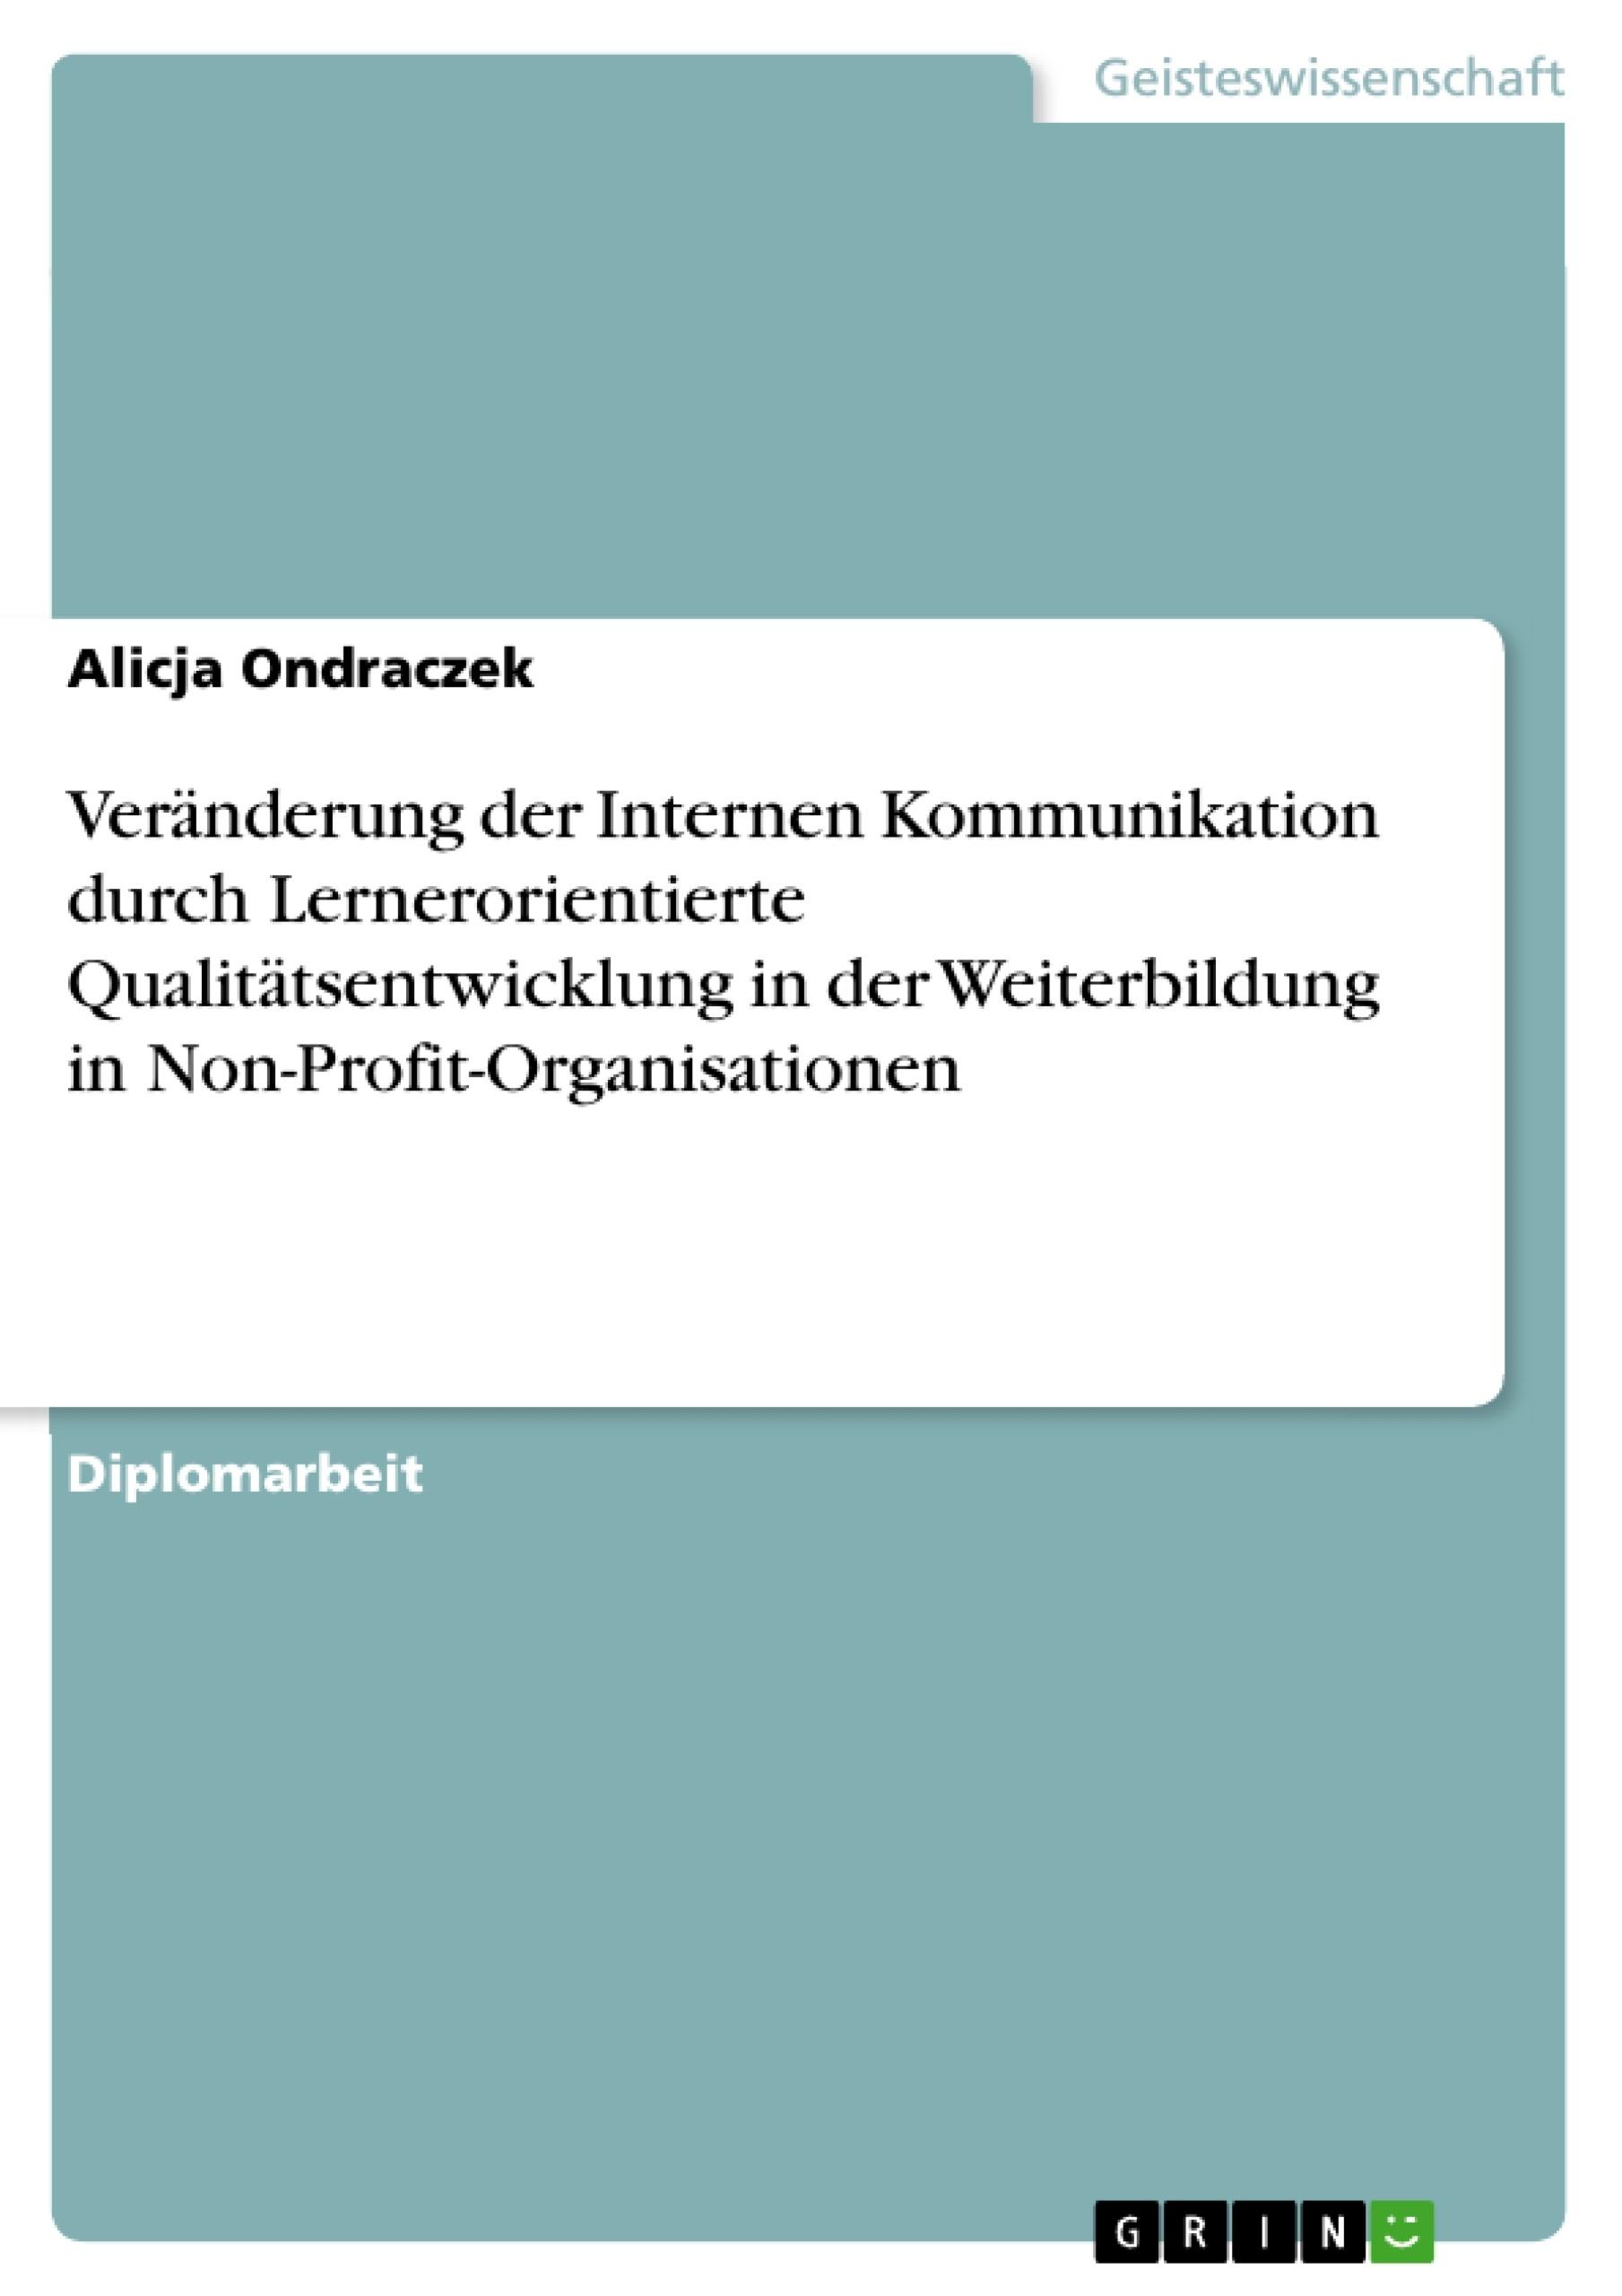 Titel: Veränderung der Internen Kommunikation durch Lernerorientierte Qualitätsentwicklung in der Weiterbildung in Non-Profit-Organisationen